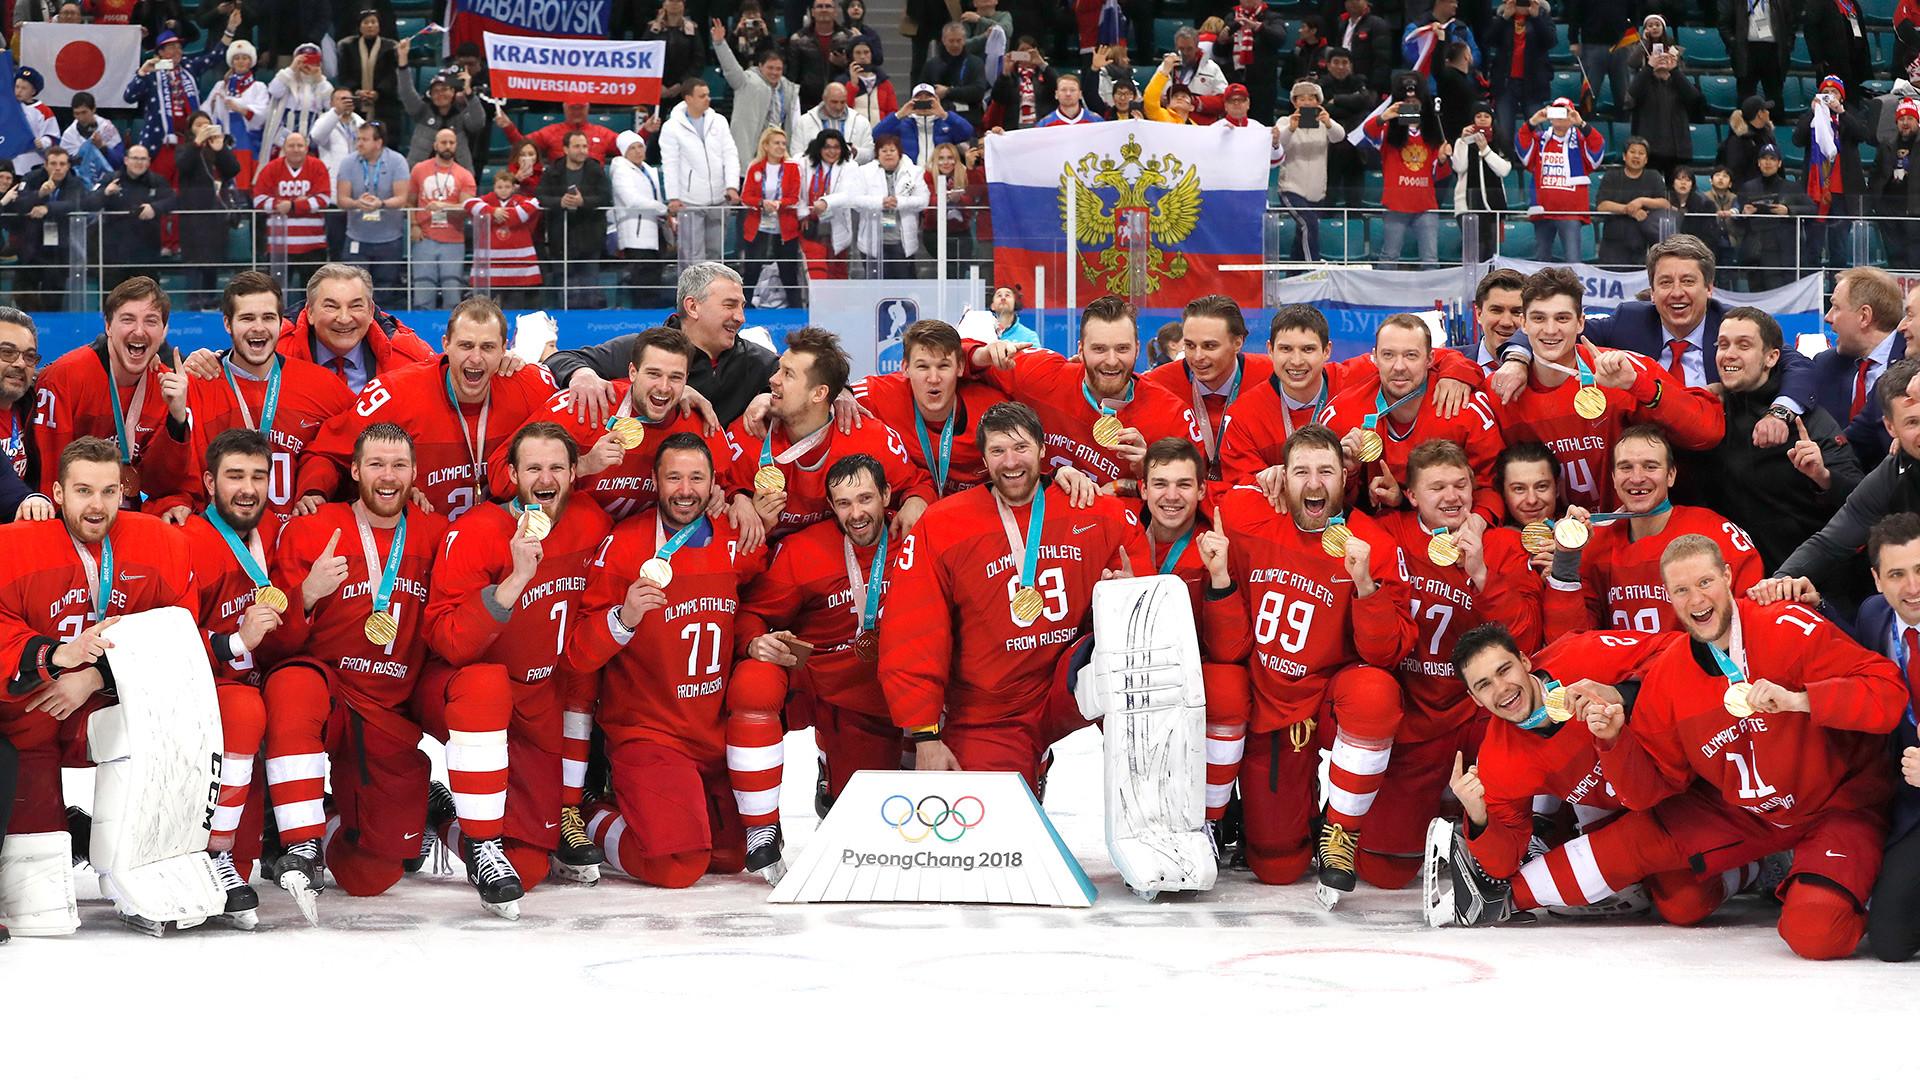 ロシアのアイスホッケー団体